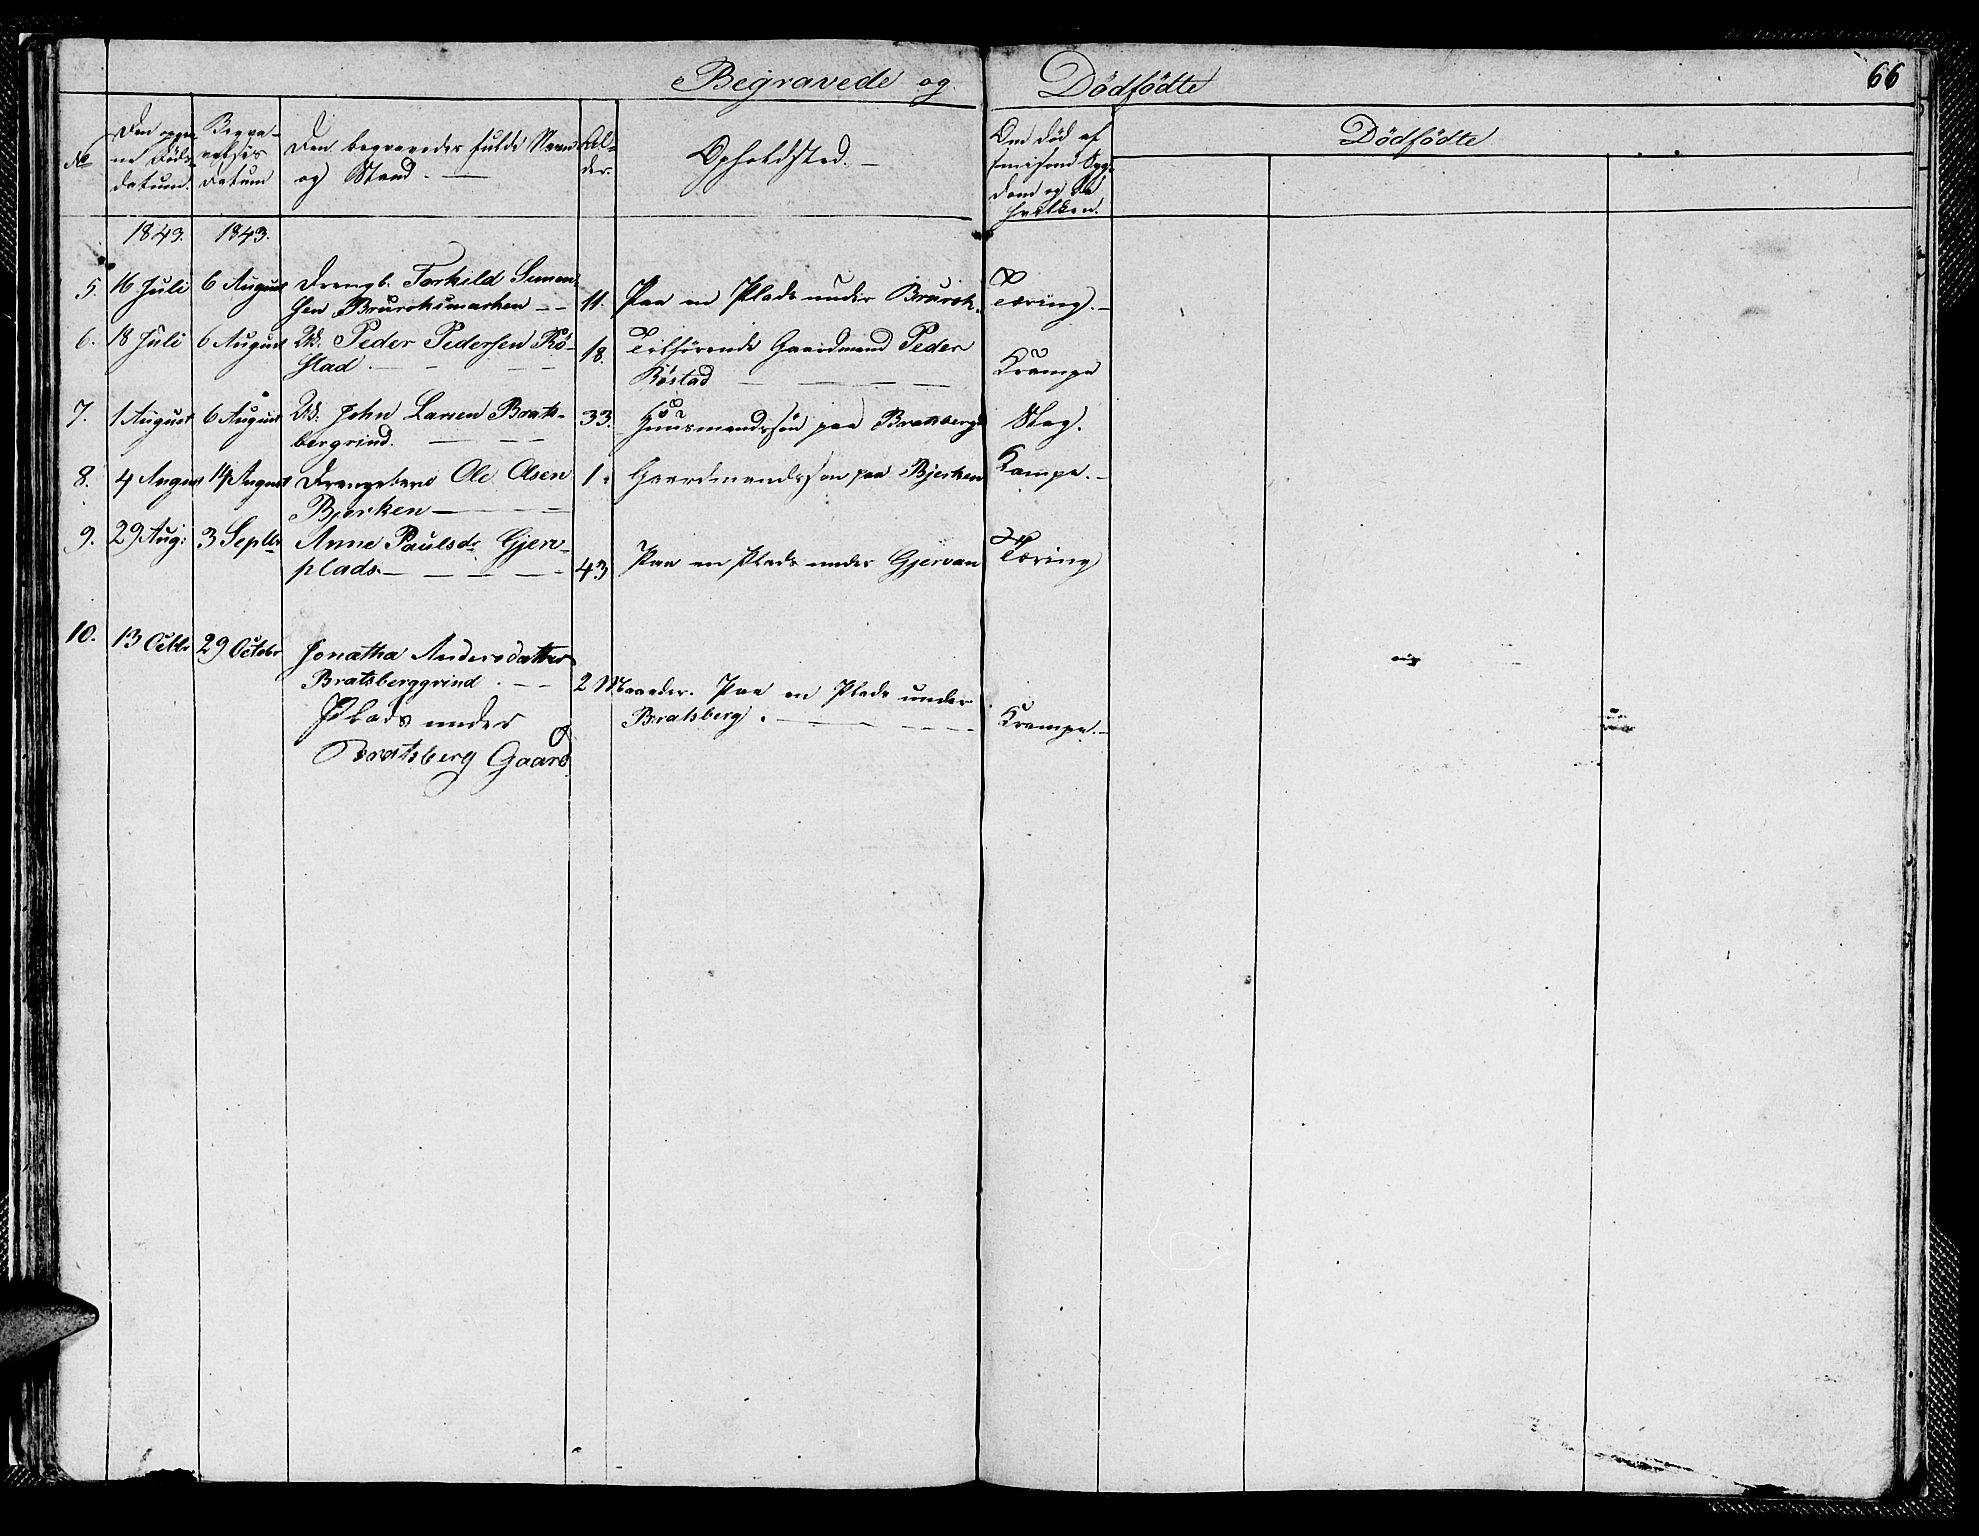 SAT, Ministerialprotokoller, klokkerbøker og fødselsregistre - Sør-Trøndelag, 608/L0338: Klokkerbok nr. 608C04, 1831-1843, s. 66